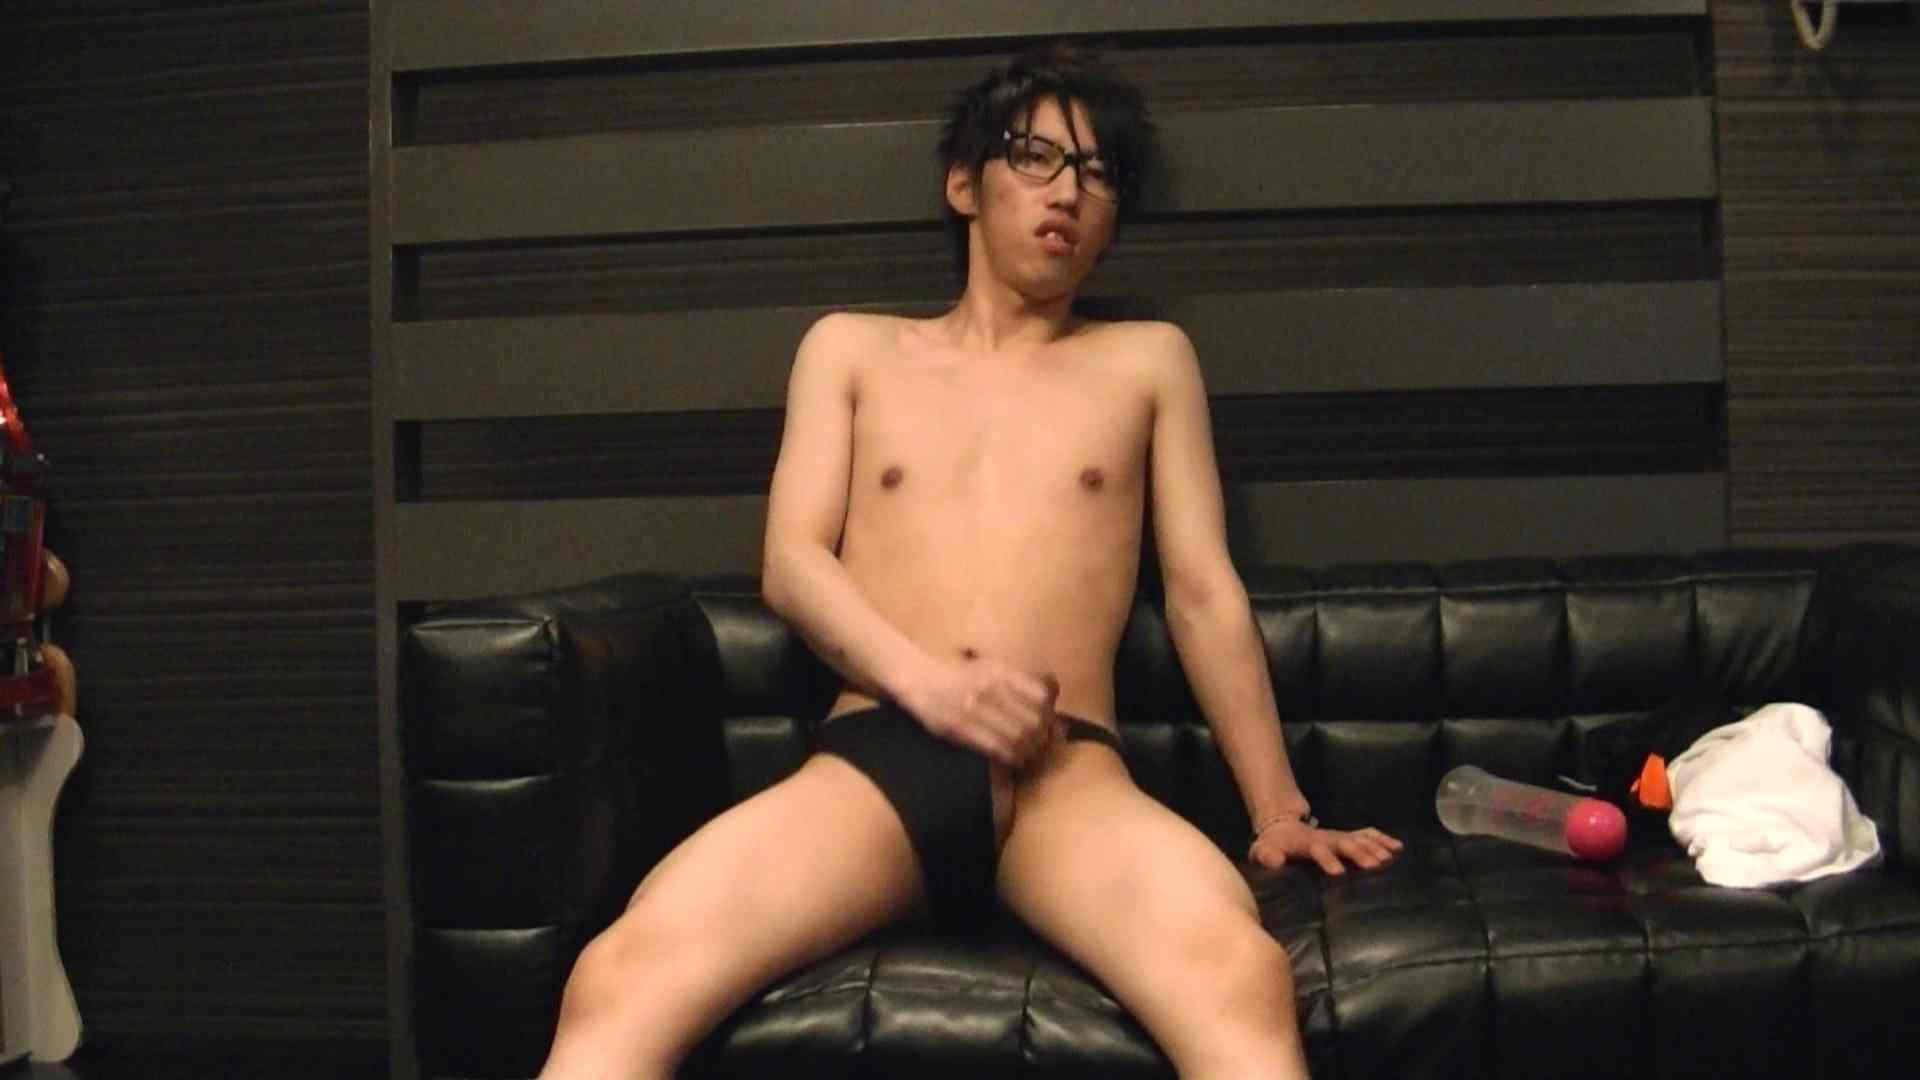 Mr.オナックスさん投稿!HD 貴方のオナニー三万円で撮影させてください。VOL.04 スジ筋系  32pic 18